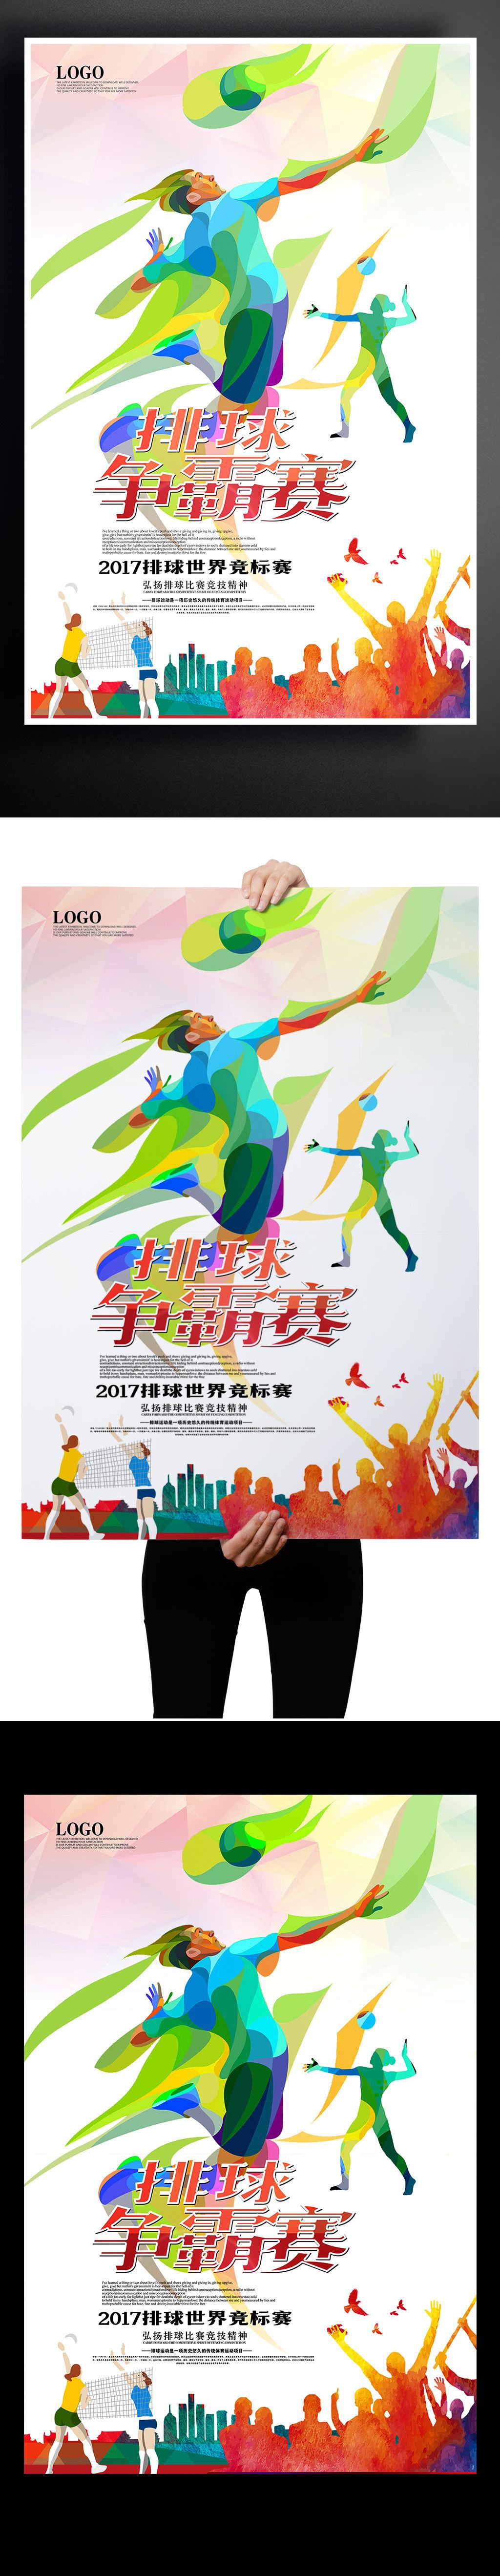 排球争霸赛体育海报设计